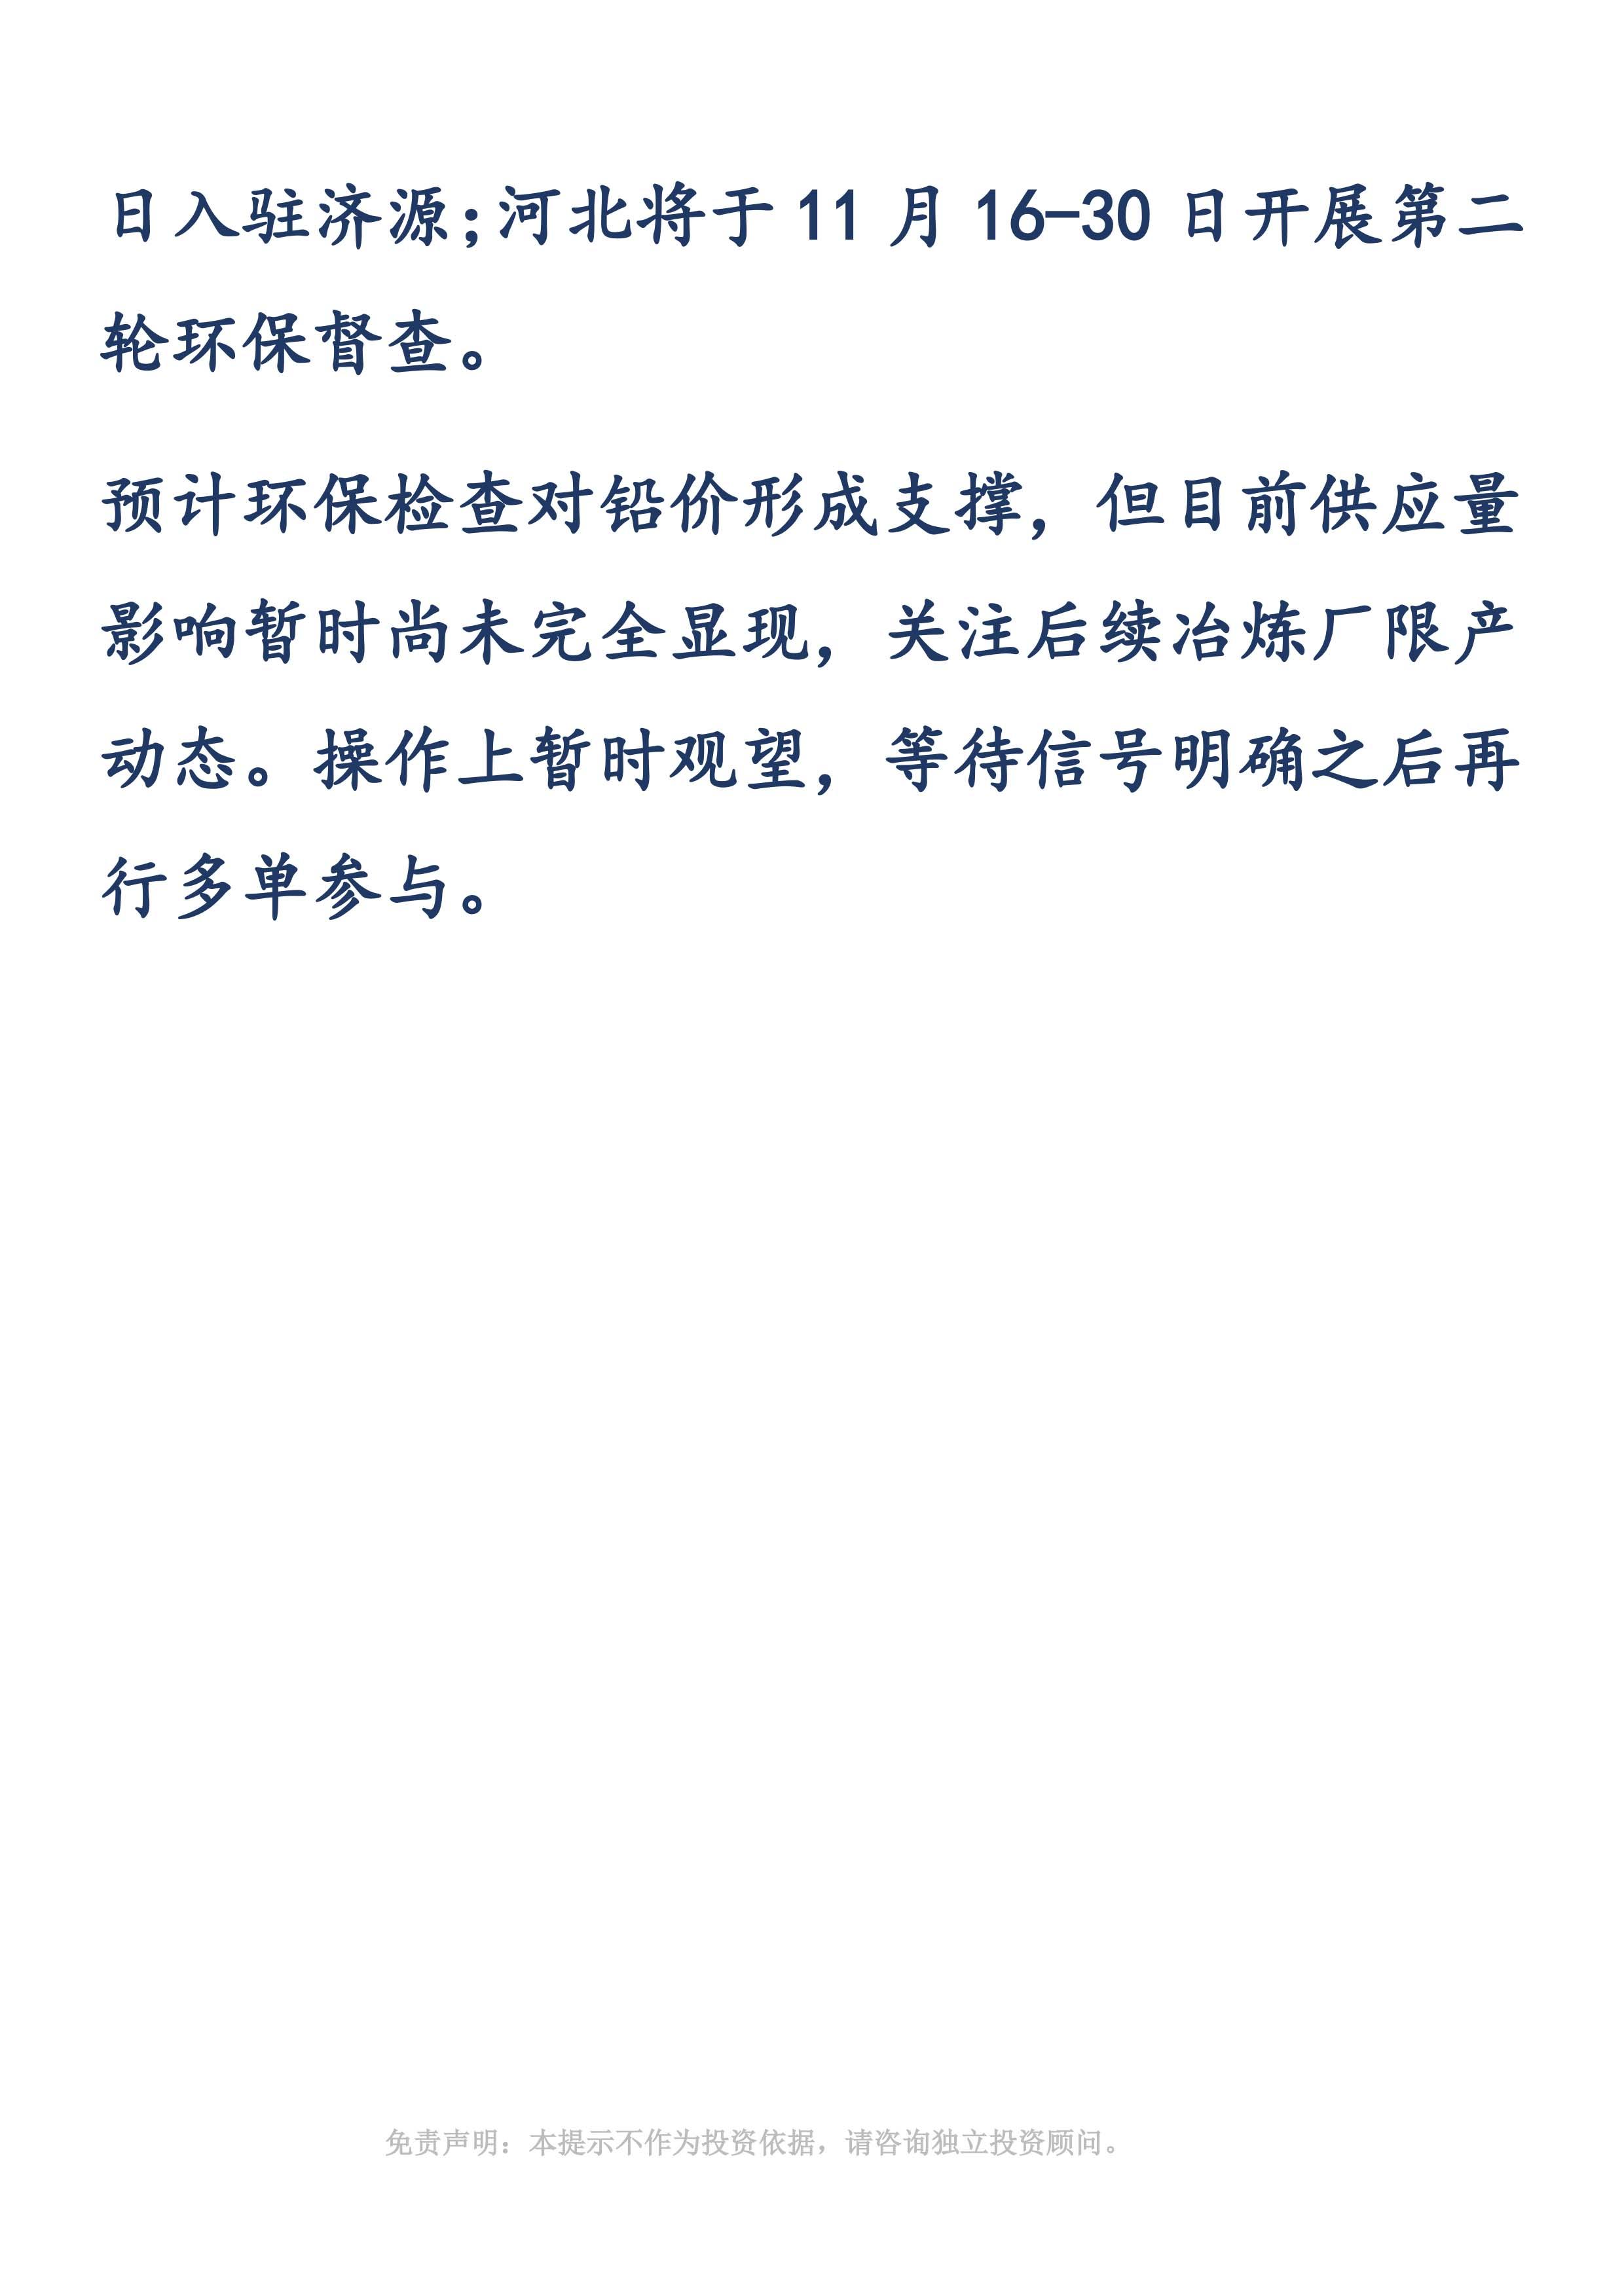 易胜博金策略-有色-20181114-2.jpg